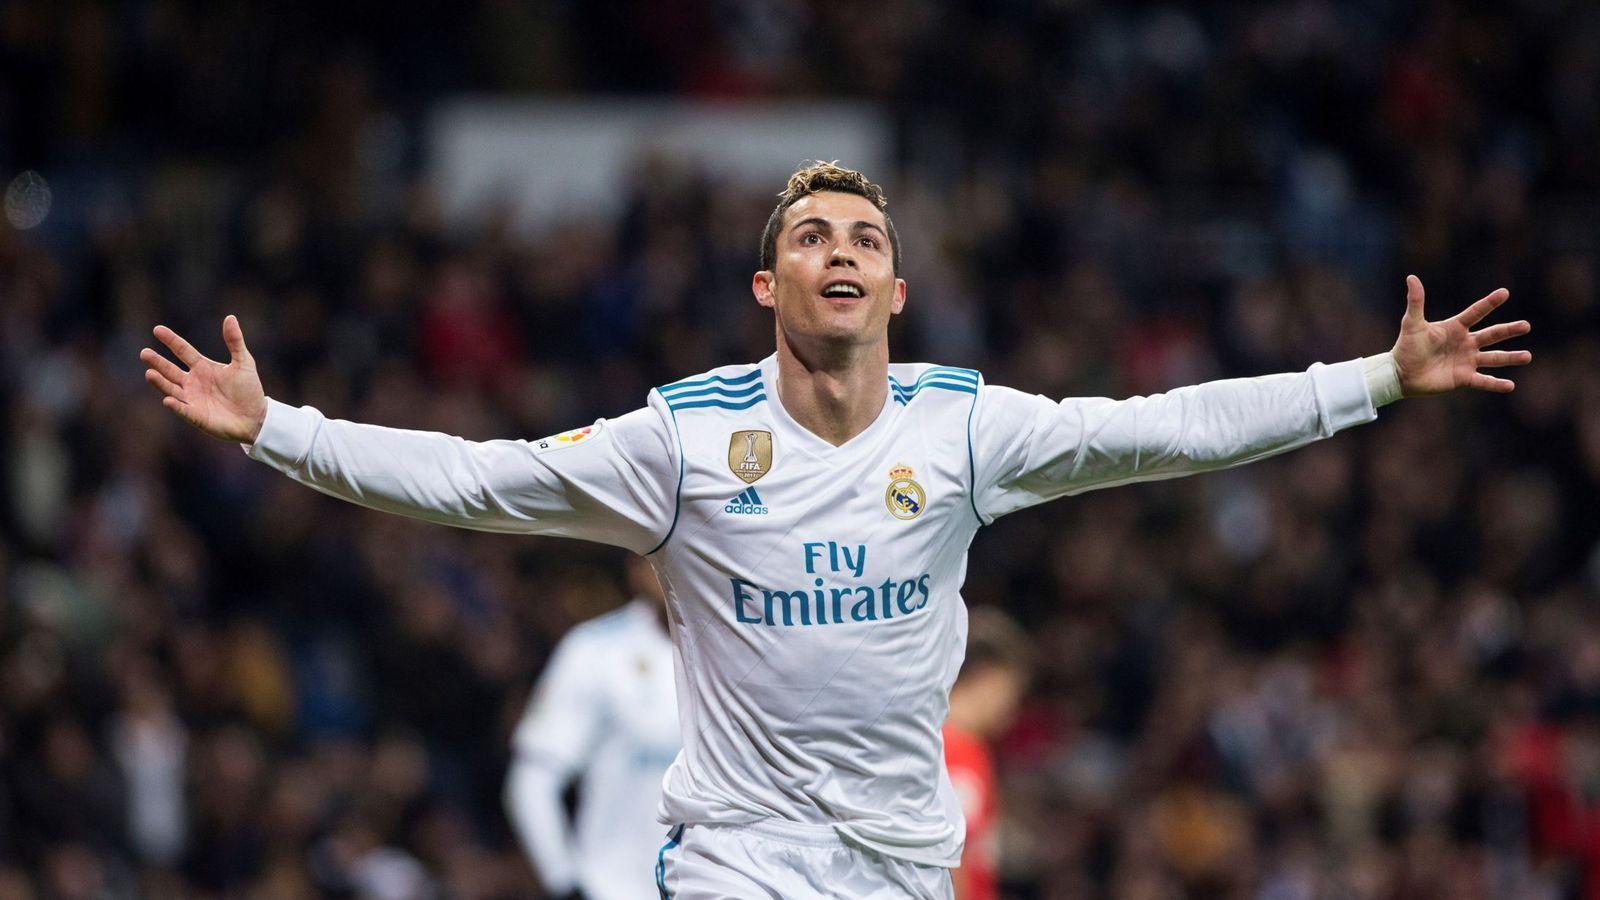 Foto: Cristiano celebra su segundo gol a la Real en el Bernabéu. (EFE)